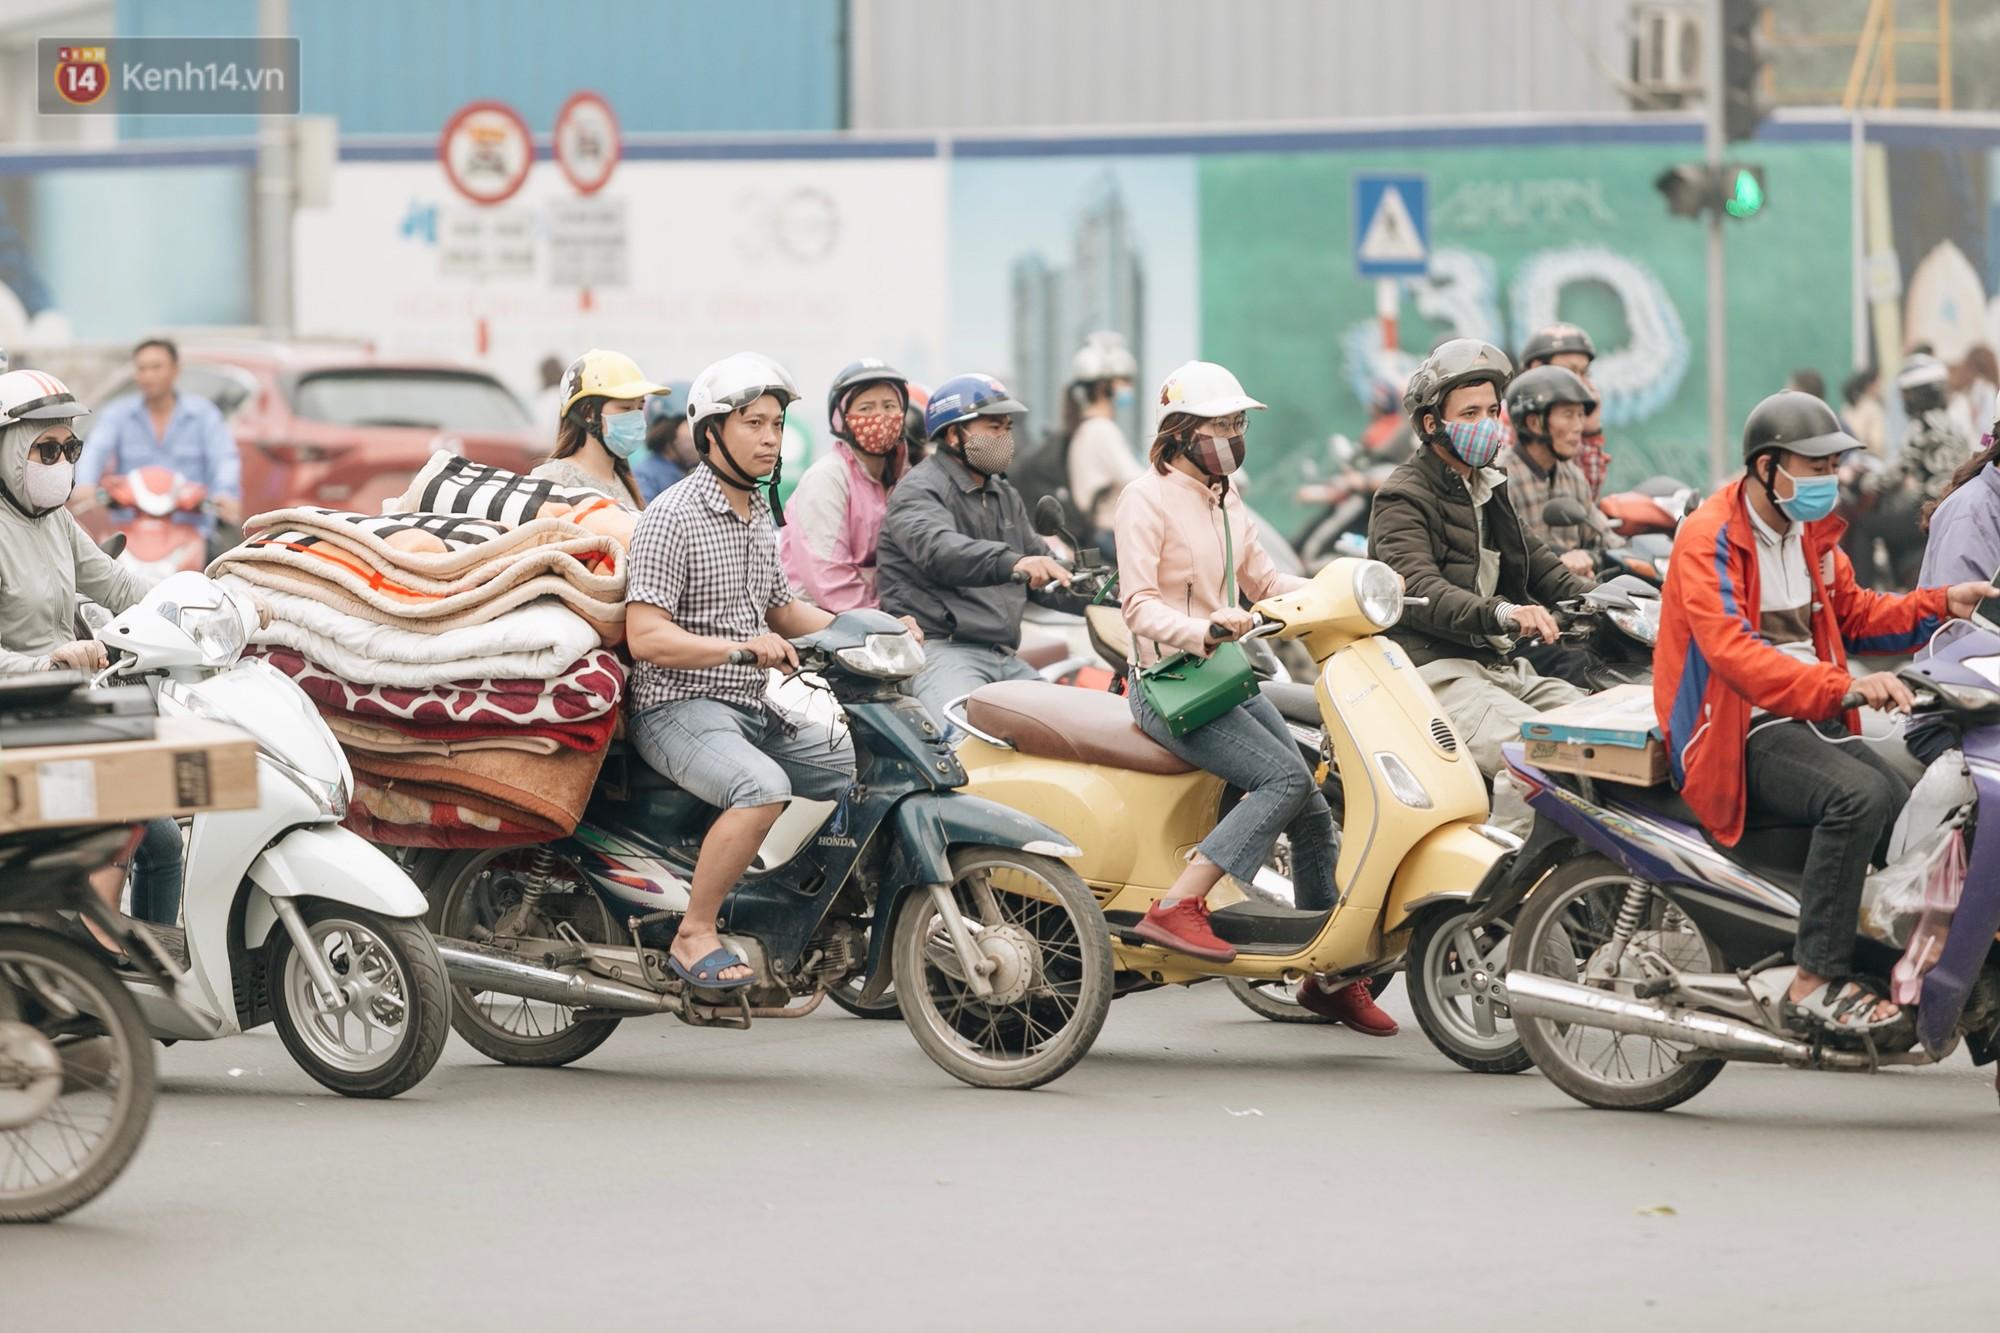 Chuyên gia và người dân nói về thí điểm cấm xe máy trên 2 tuyến đường ở Hà Nội: Phải có lộ trình, sau đó từng bước phát triển hạ tầng, giao thông công cộng - Ảnh 8.